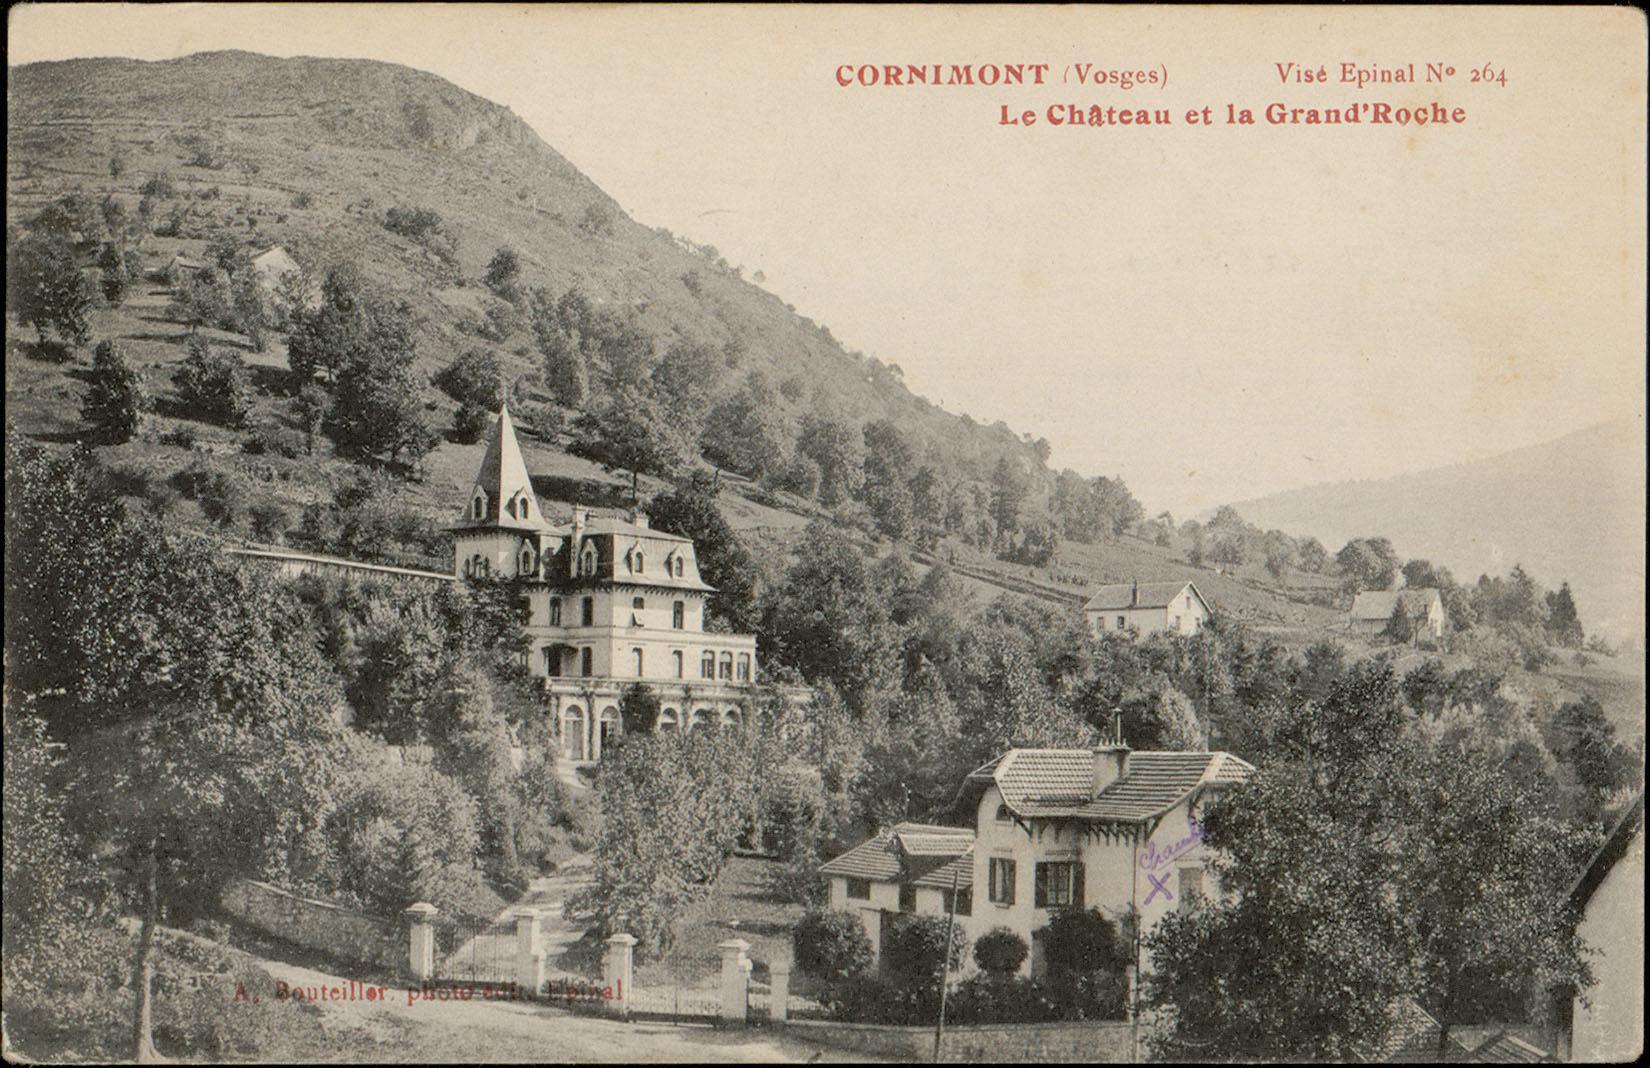 Contenu du Cornimont (Vosges), Le Château et la Grand'Roche